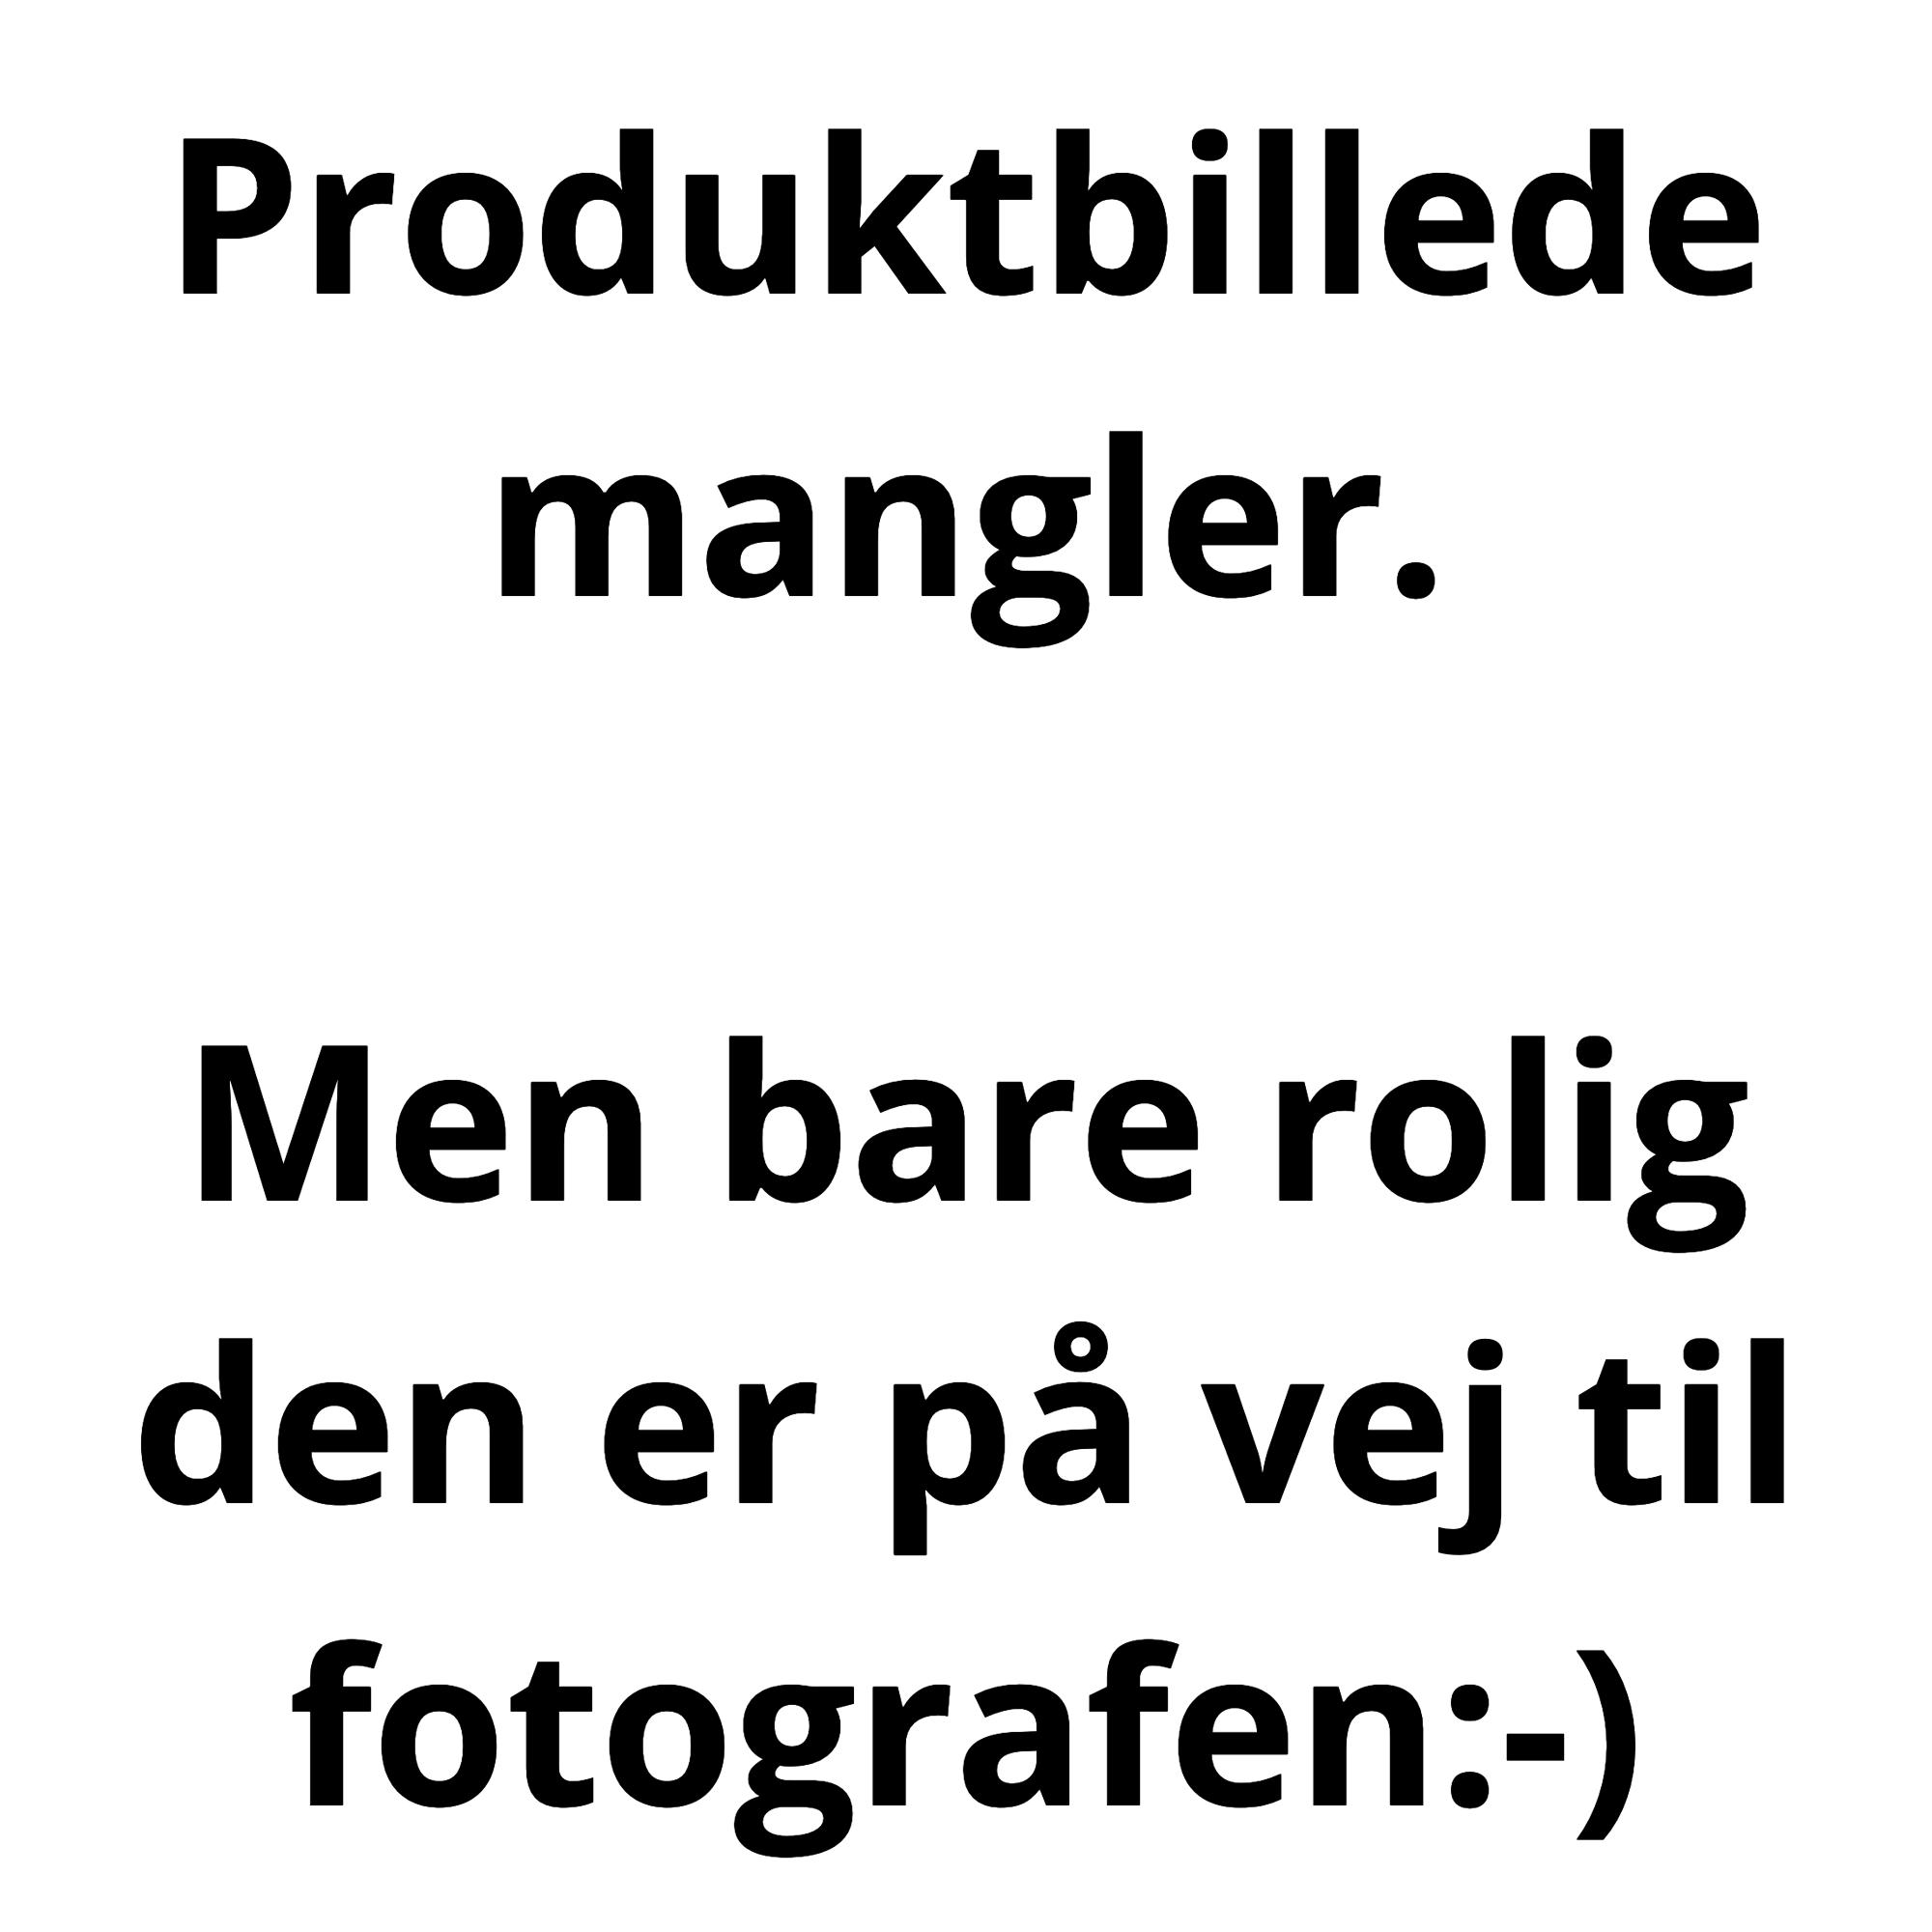 Brodit Aktiv Mobilholder med cigar adapter til Apple iPhone 11 Pro Max, Xs Max - B: 80-94mm D:2-10mm - 721083